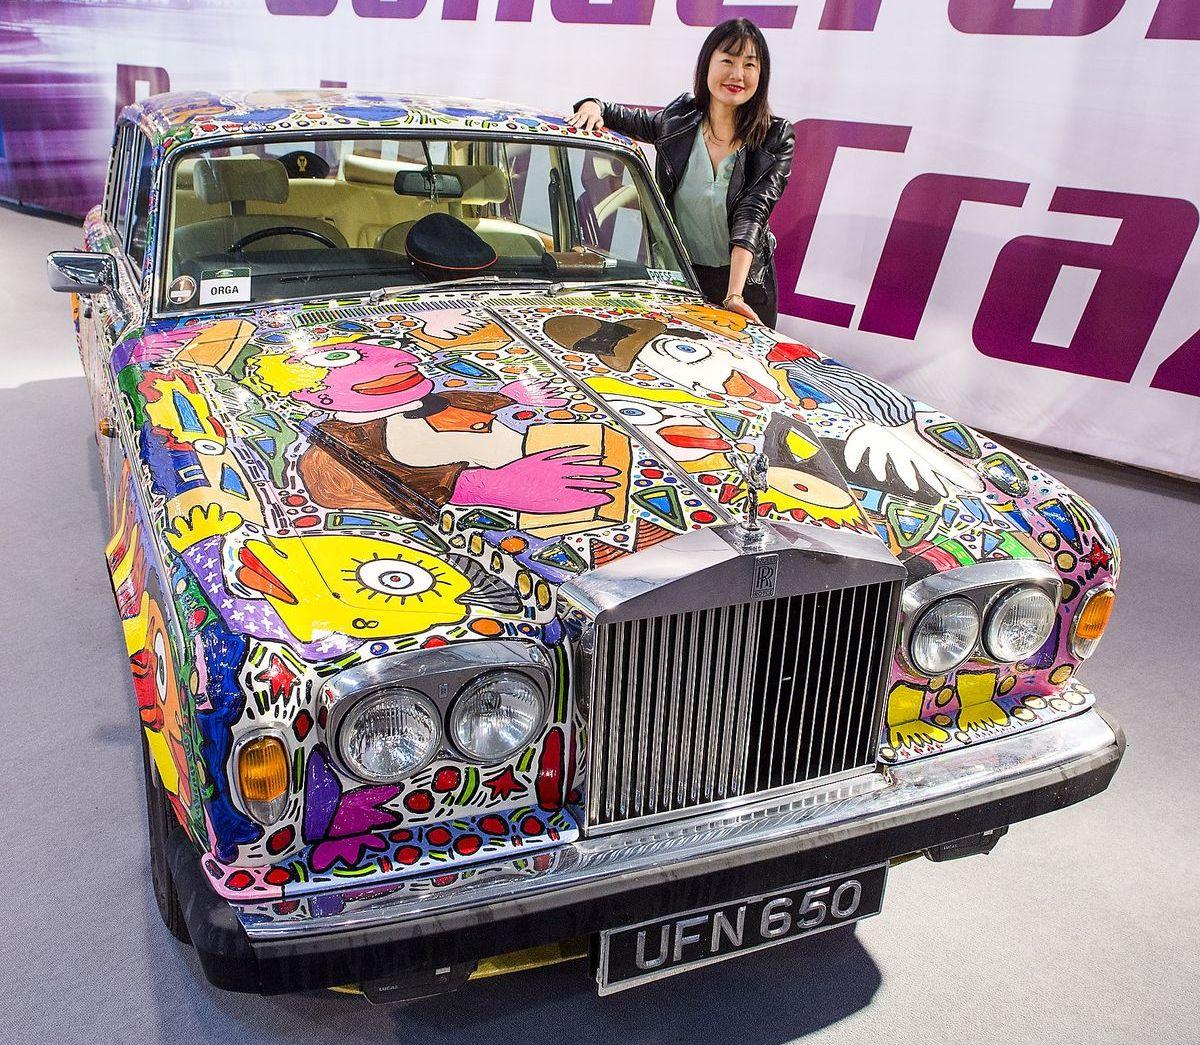 Der Leipziger Pop-Art-Künstler Michael Fischer präsentiert in Essen einen Rolls Royce in James-Bond-Optik.